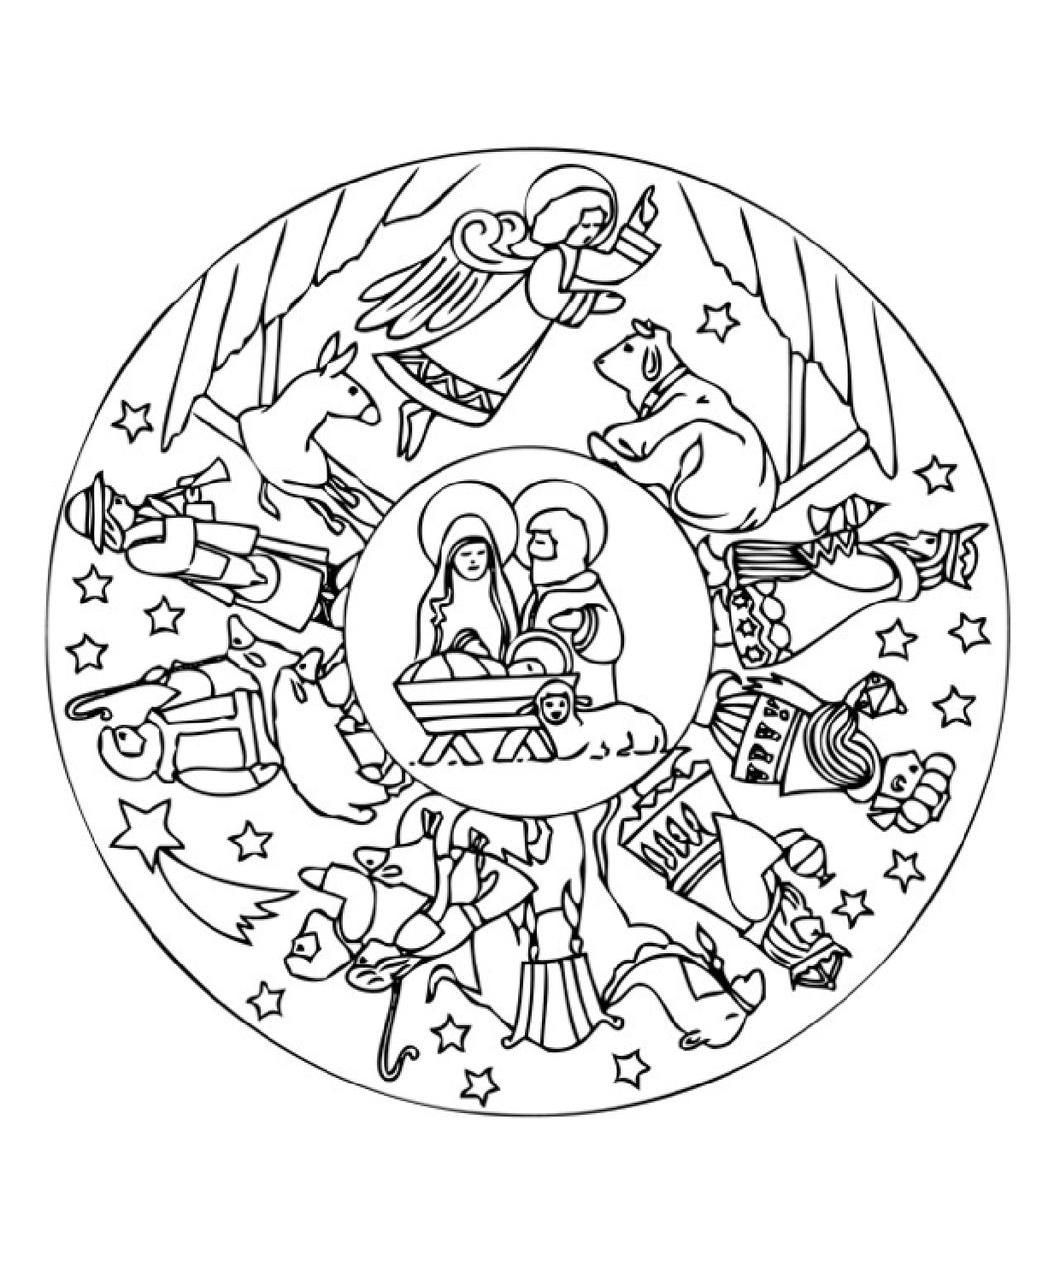 Ideenreise: Malvorlage für den Nikolaustag | Sankt Nikolaus / Saint ...